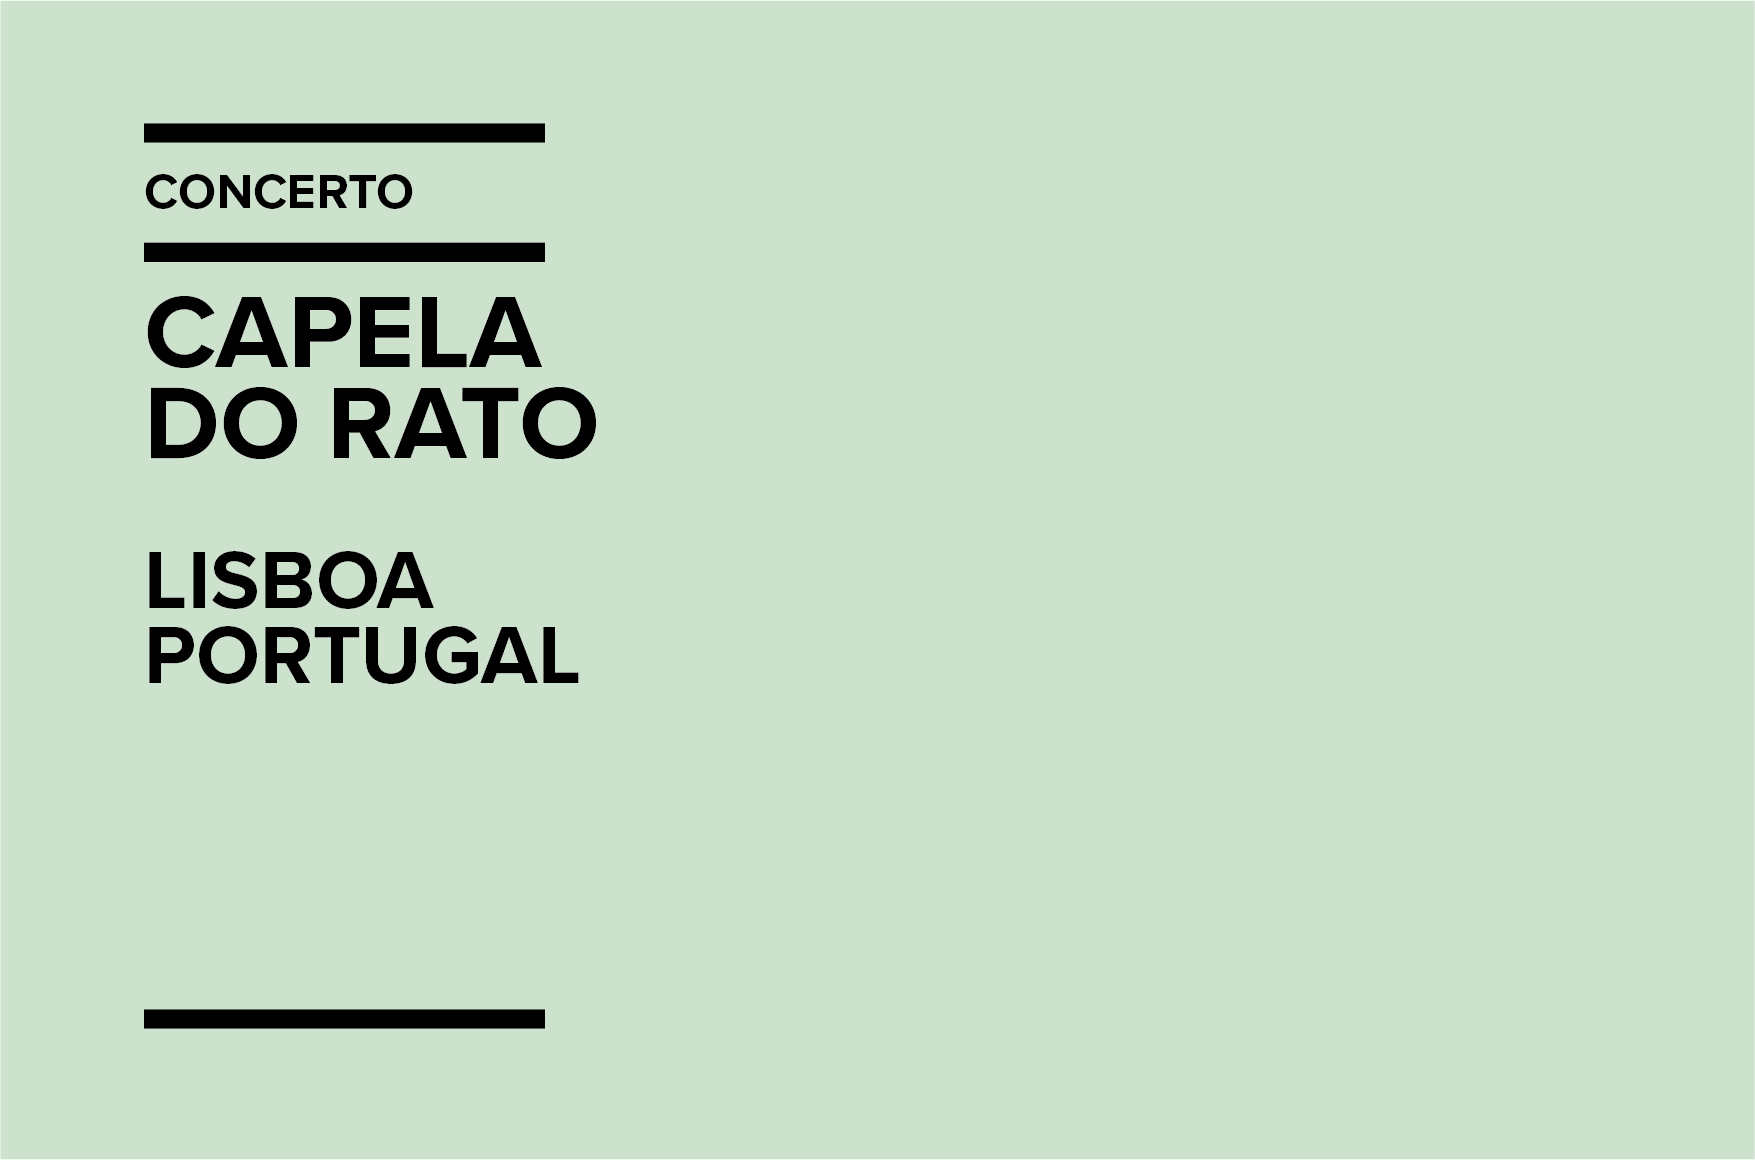 CAPELA DO RATO